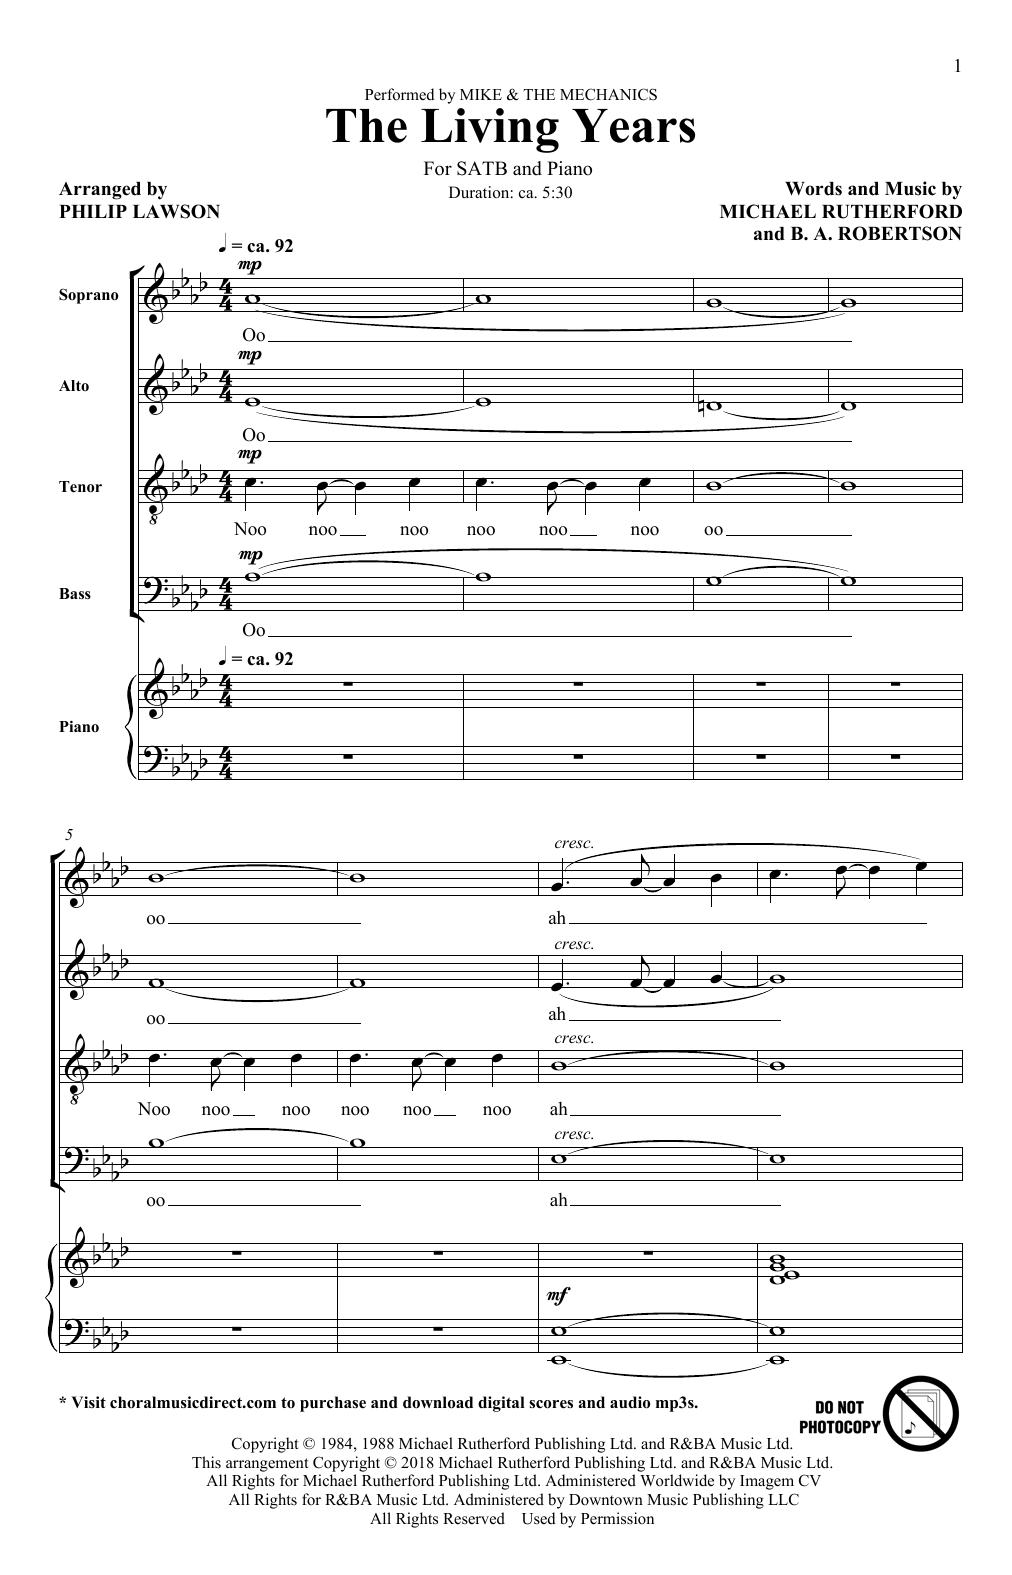 The Living Years (arr. Philip Lawson) (SATB Choir)